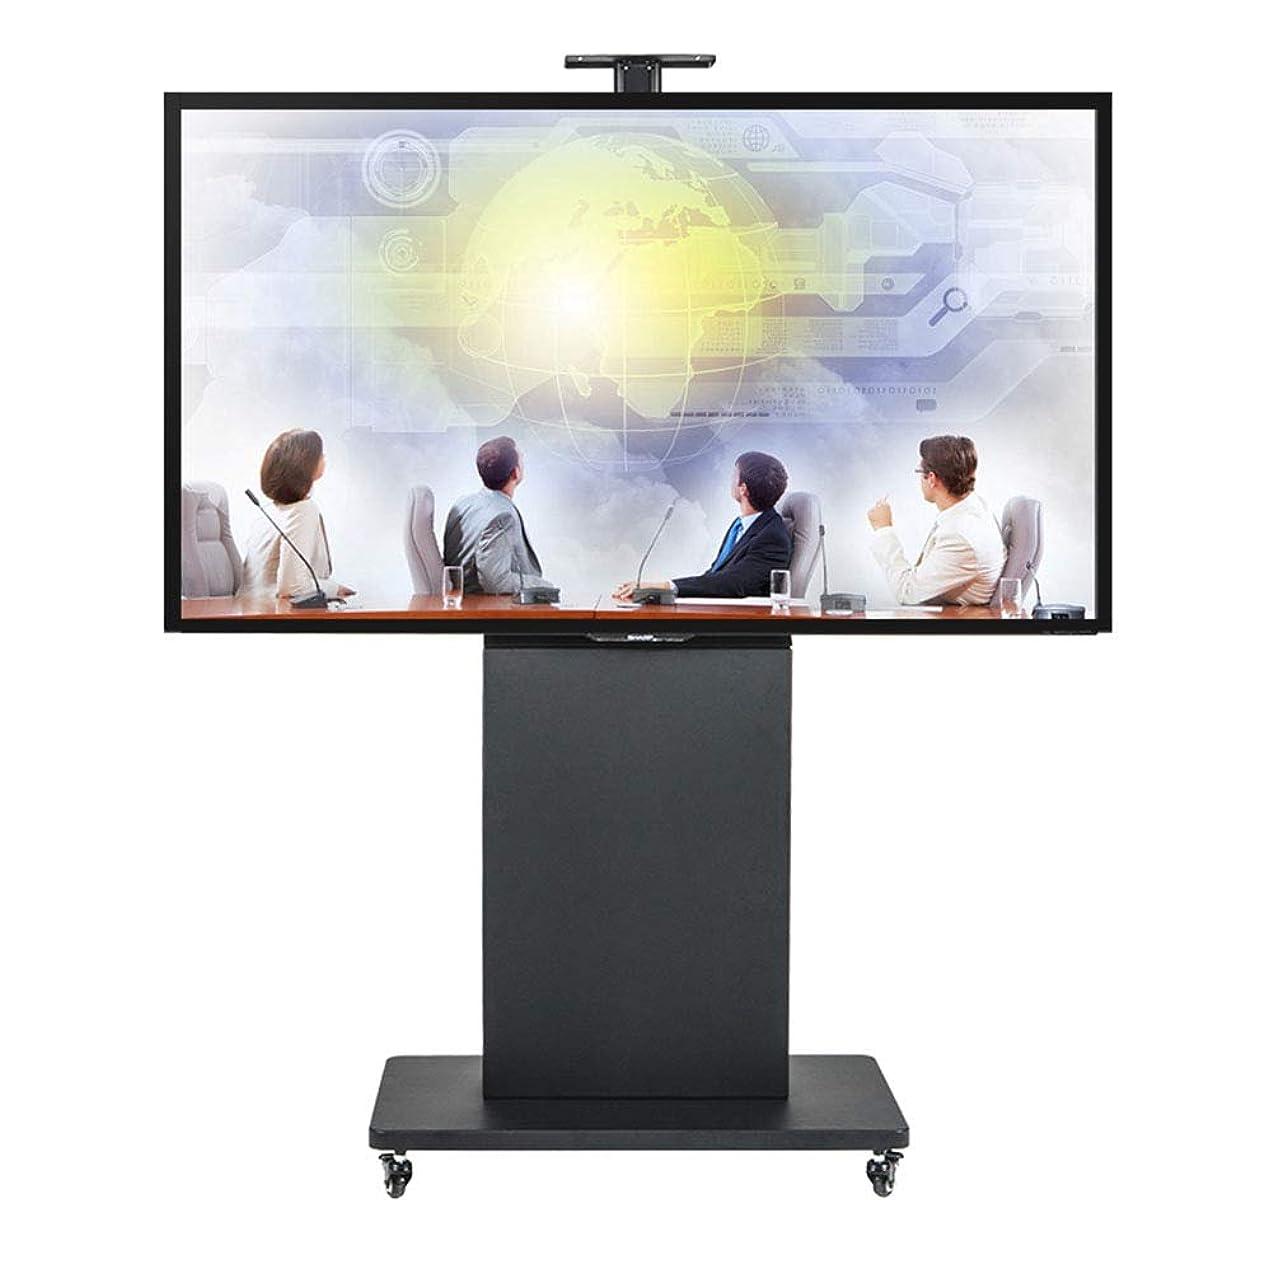 誇り略す水素ローリングテレビスタンドモバイルTVカート、フラットパネルLED LCDプラズマスクリーン用の統合マルチメディアシャーシ50